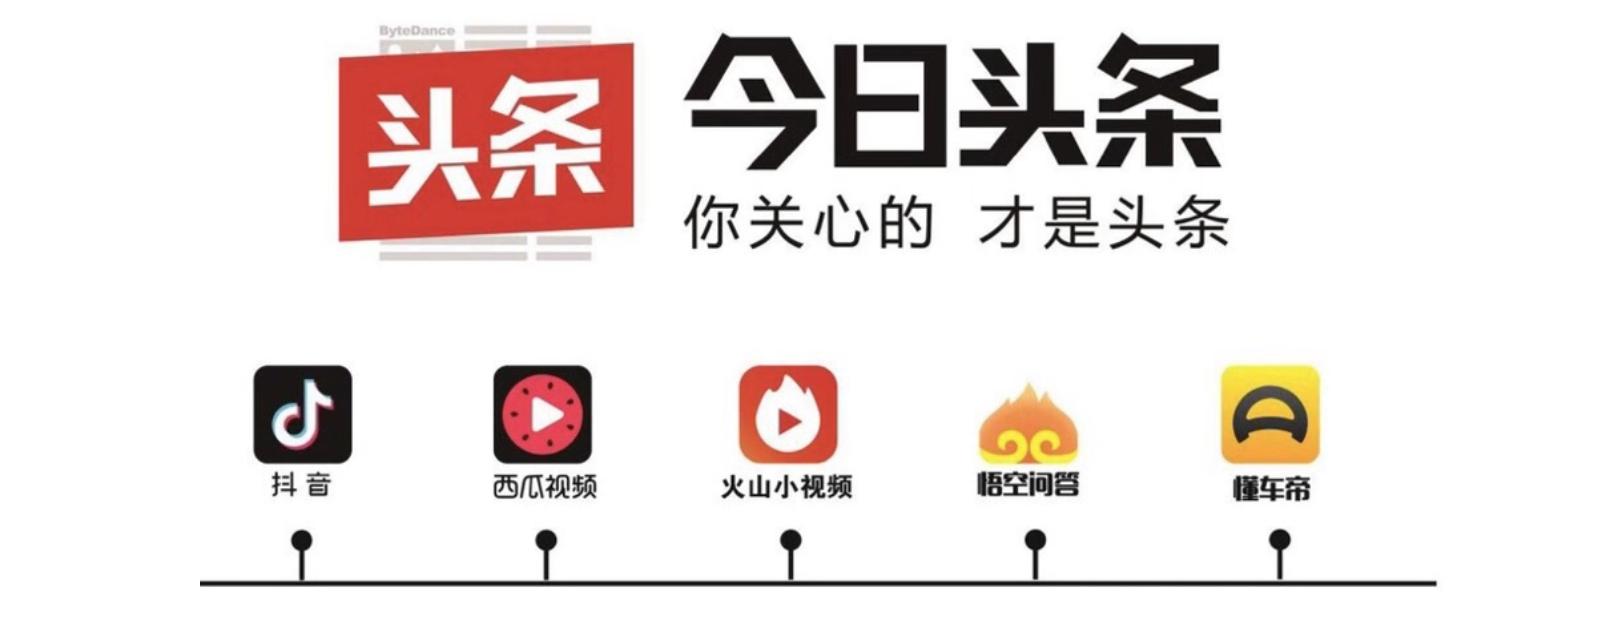 jinritoutiao Poster